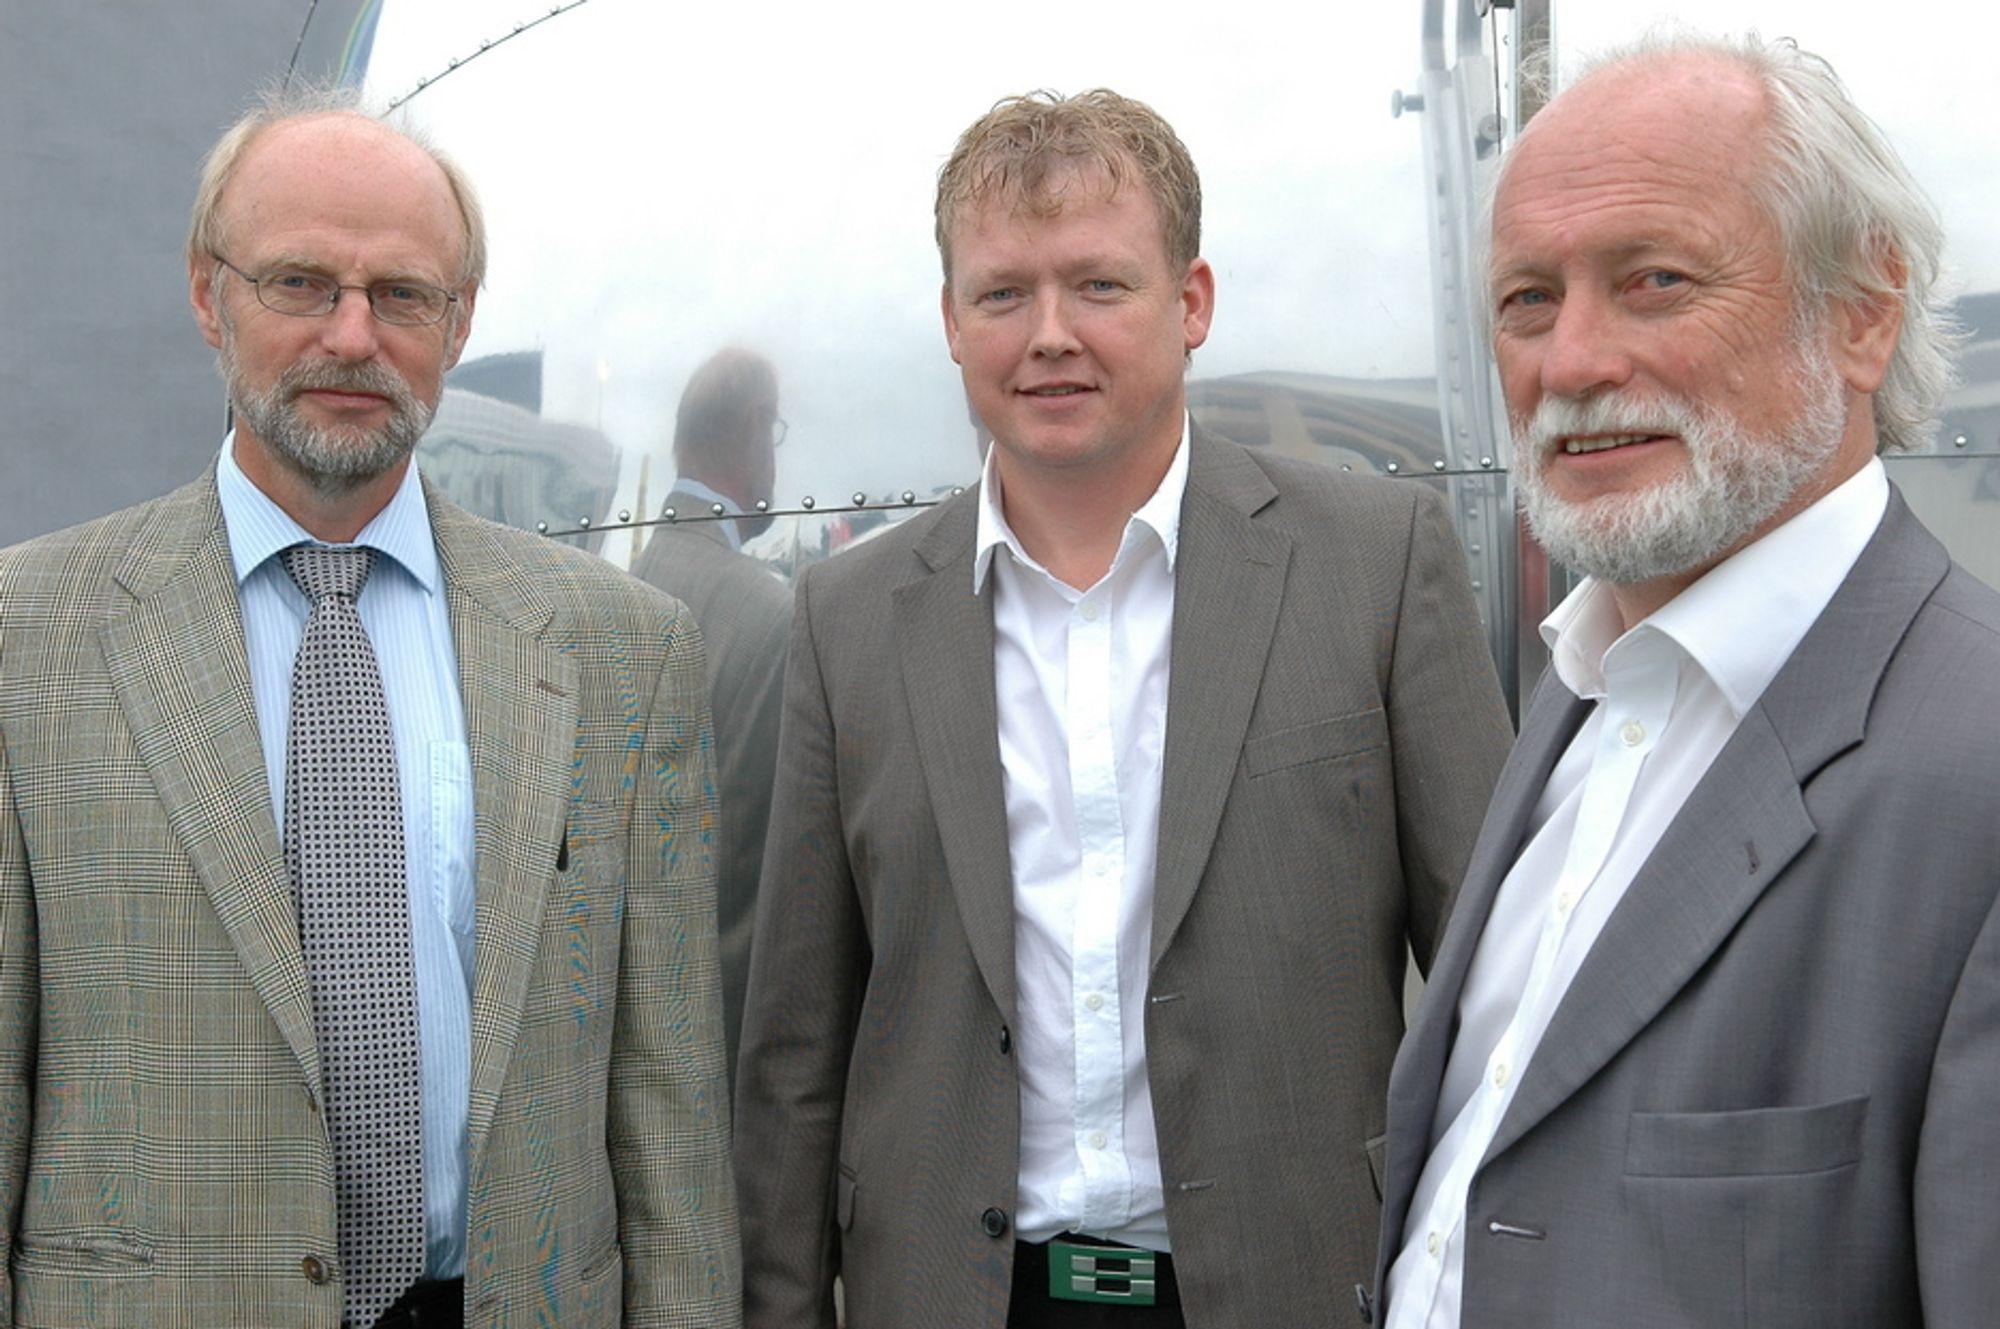 TROR PÅ ALUMINIUM: Magne Nygård, Jostein Hjorteland, Arne Sele har stor tro på trykksatte almuniumstanker for frakt og lagring av LNG.